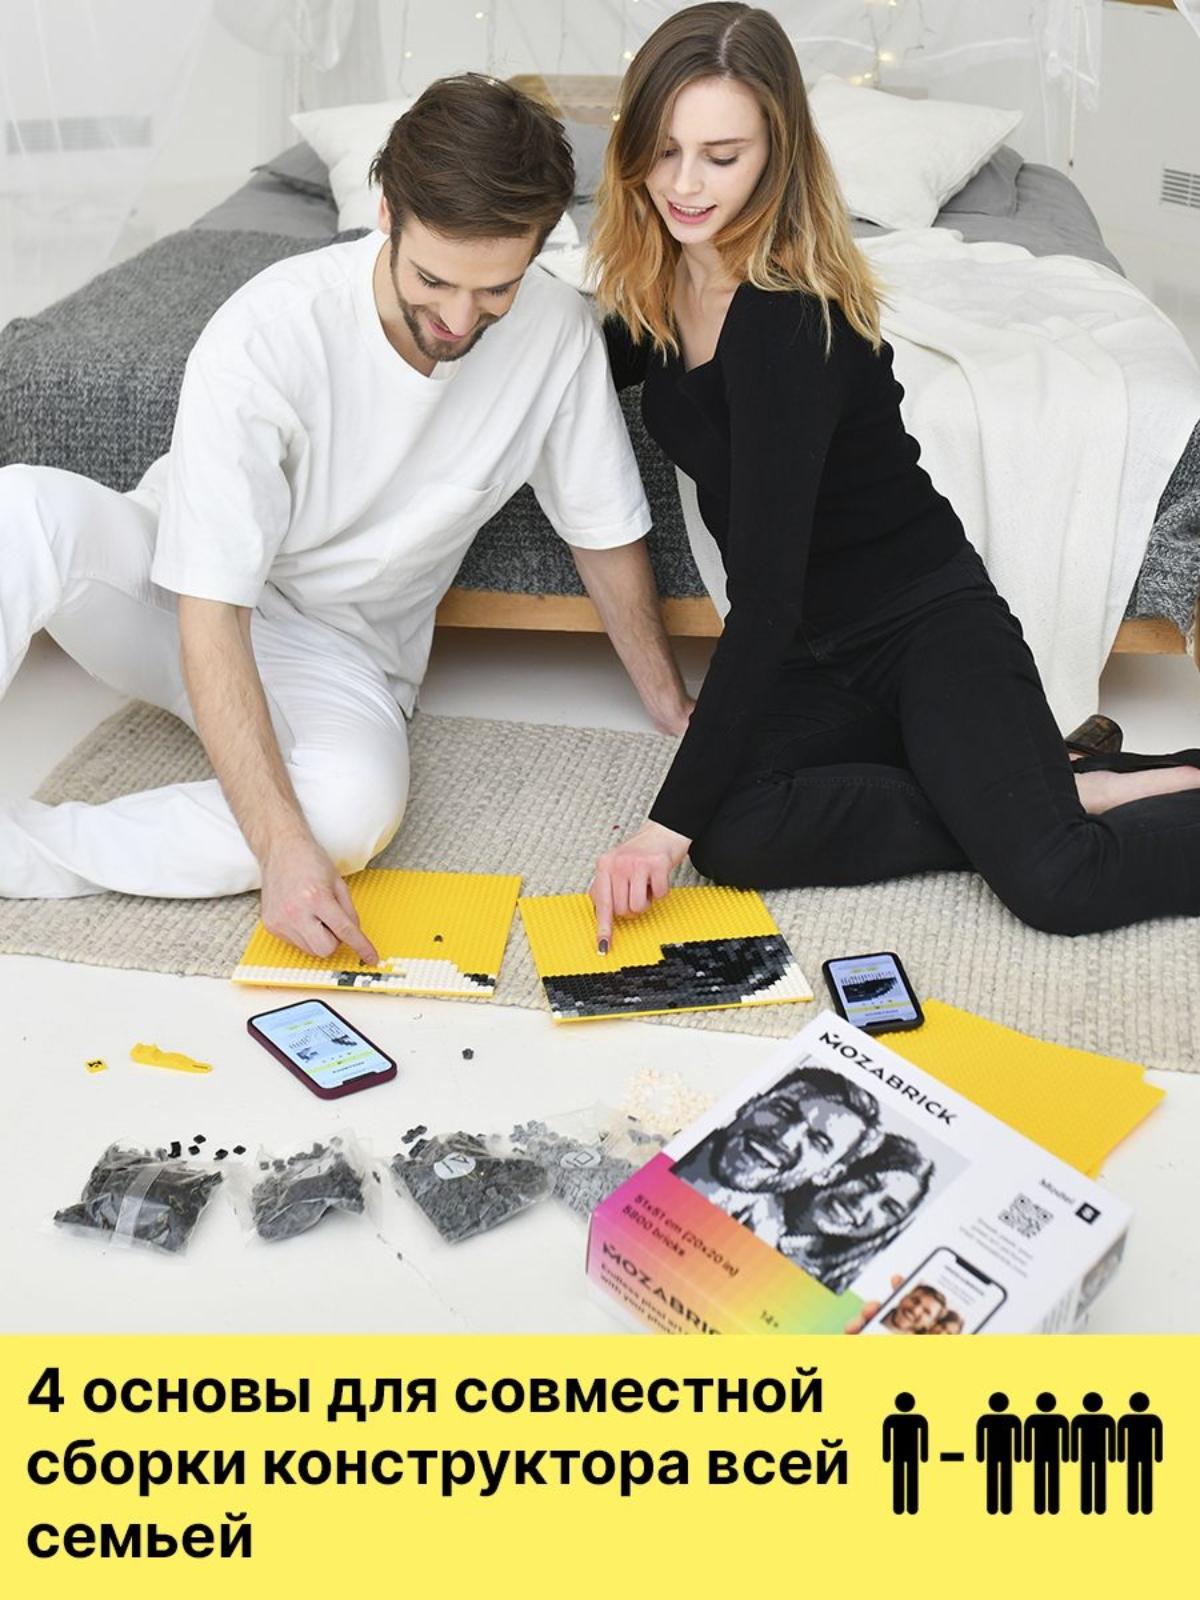 Фото конструктор купить